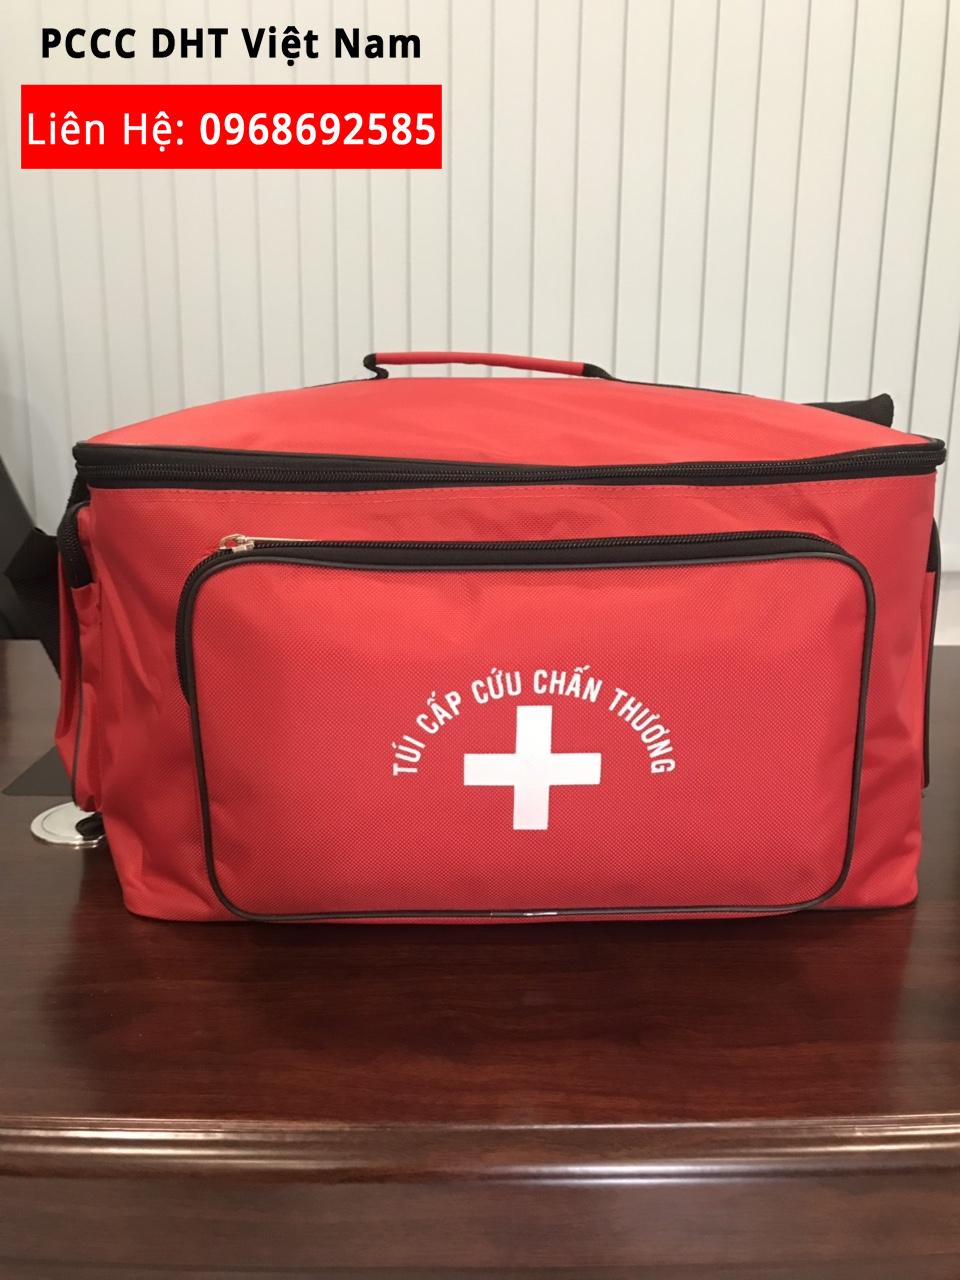 Yên tâm khi lựa chọn đơn vị cung cấp túi cứu thương loại A tại Khu công nghiệp HOÀNG DIỆU.